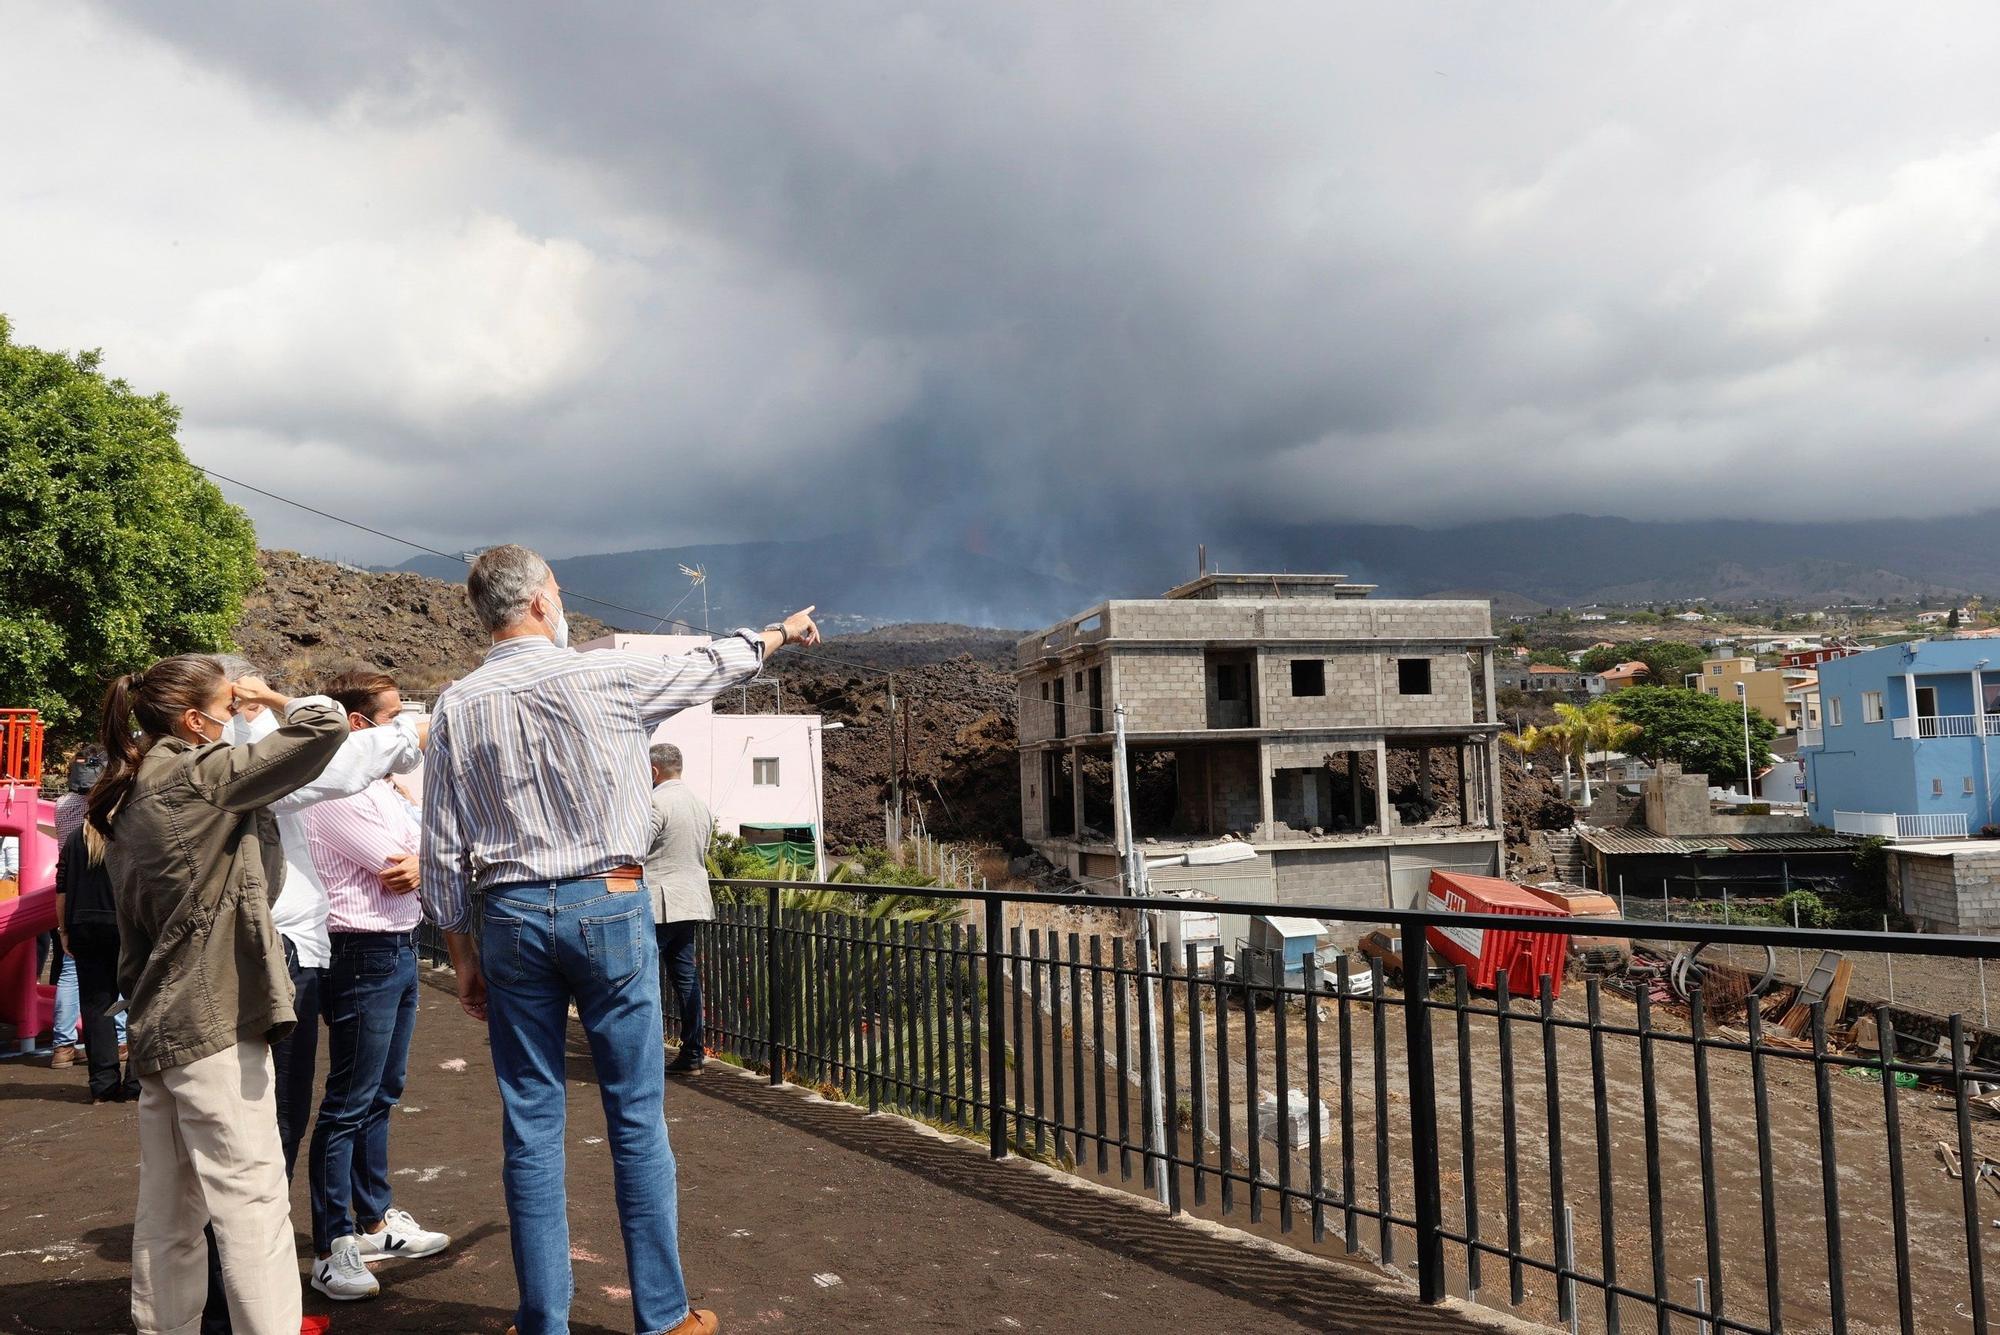 Visita de los Reyes a La Palma durante la erupción en Cumbre Vieja